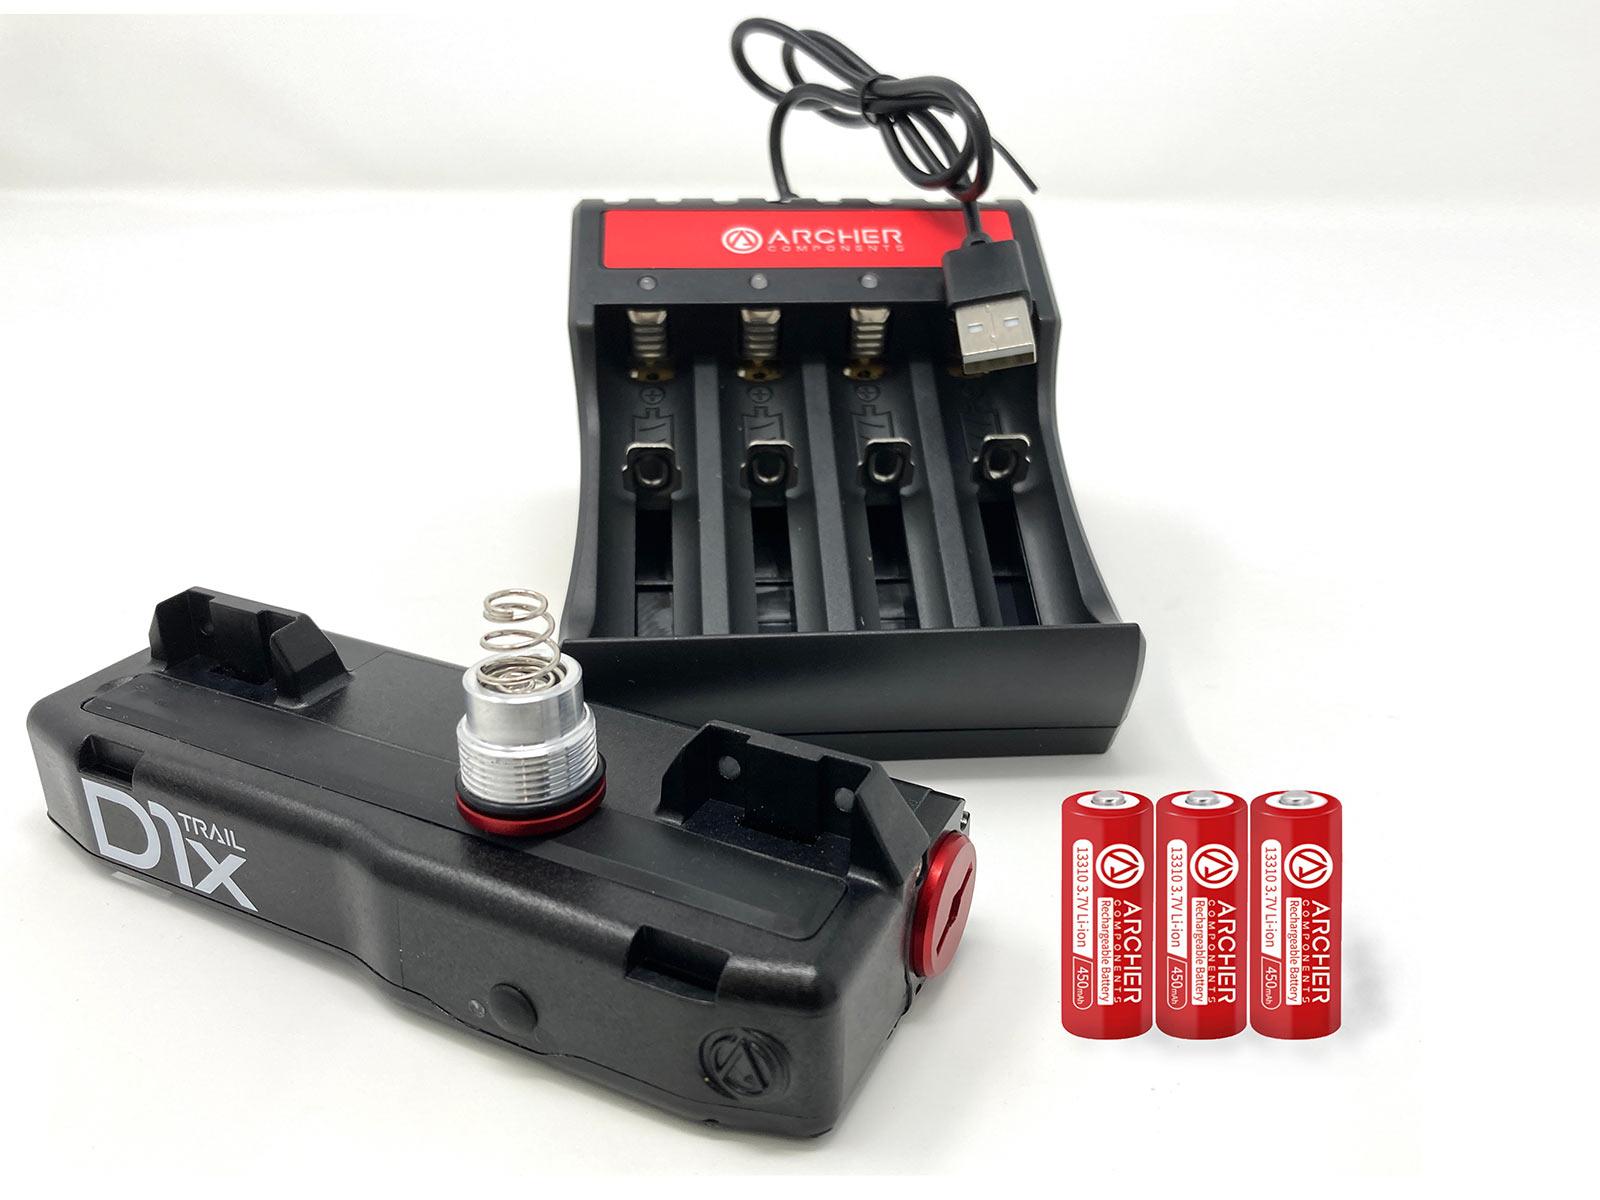 Archer D1x zrychluje bezdrátové řazení tím, že vkládá rychlejší baterie